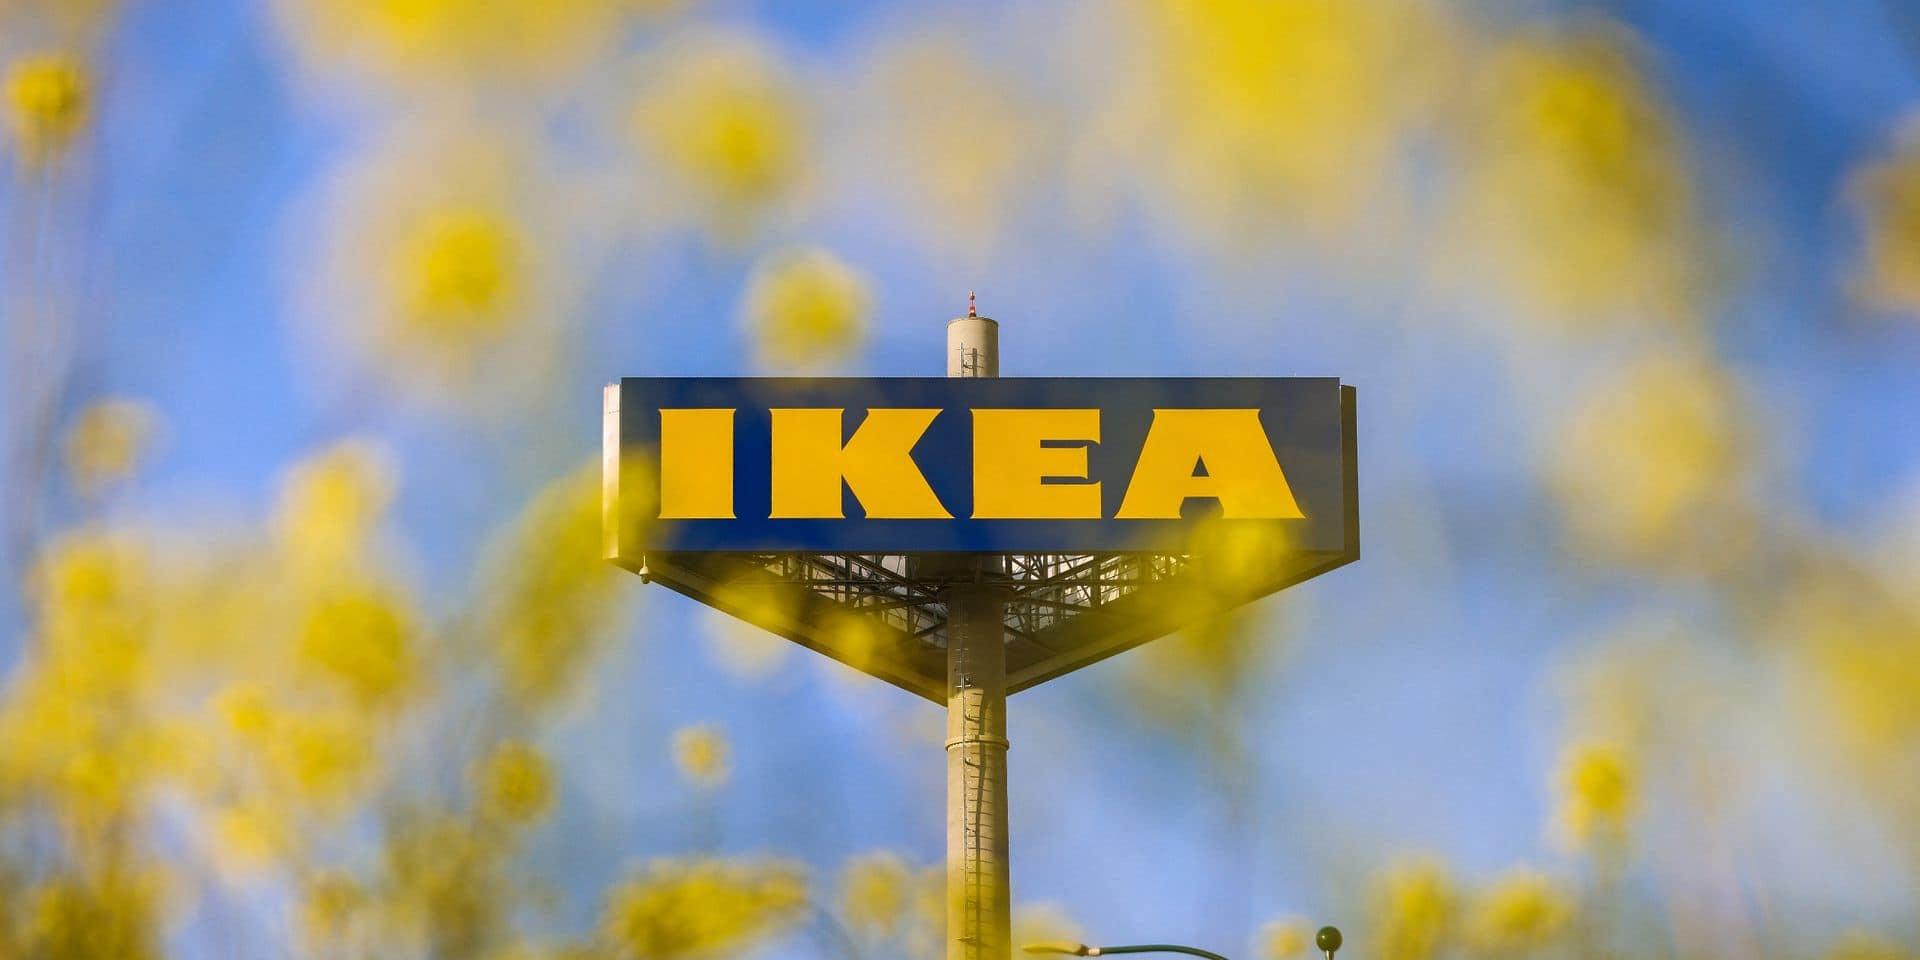 Ikea s'engage à donner un milliard d'euros pour le climat